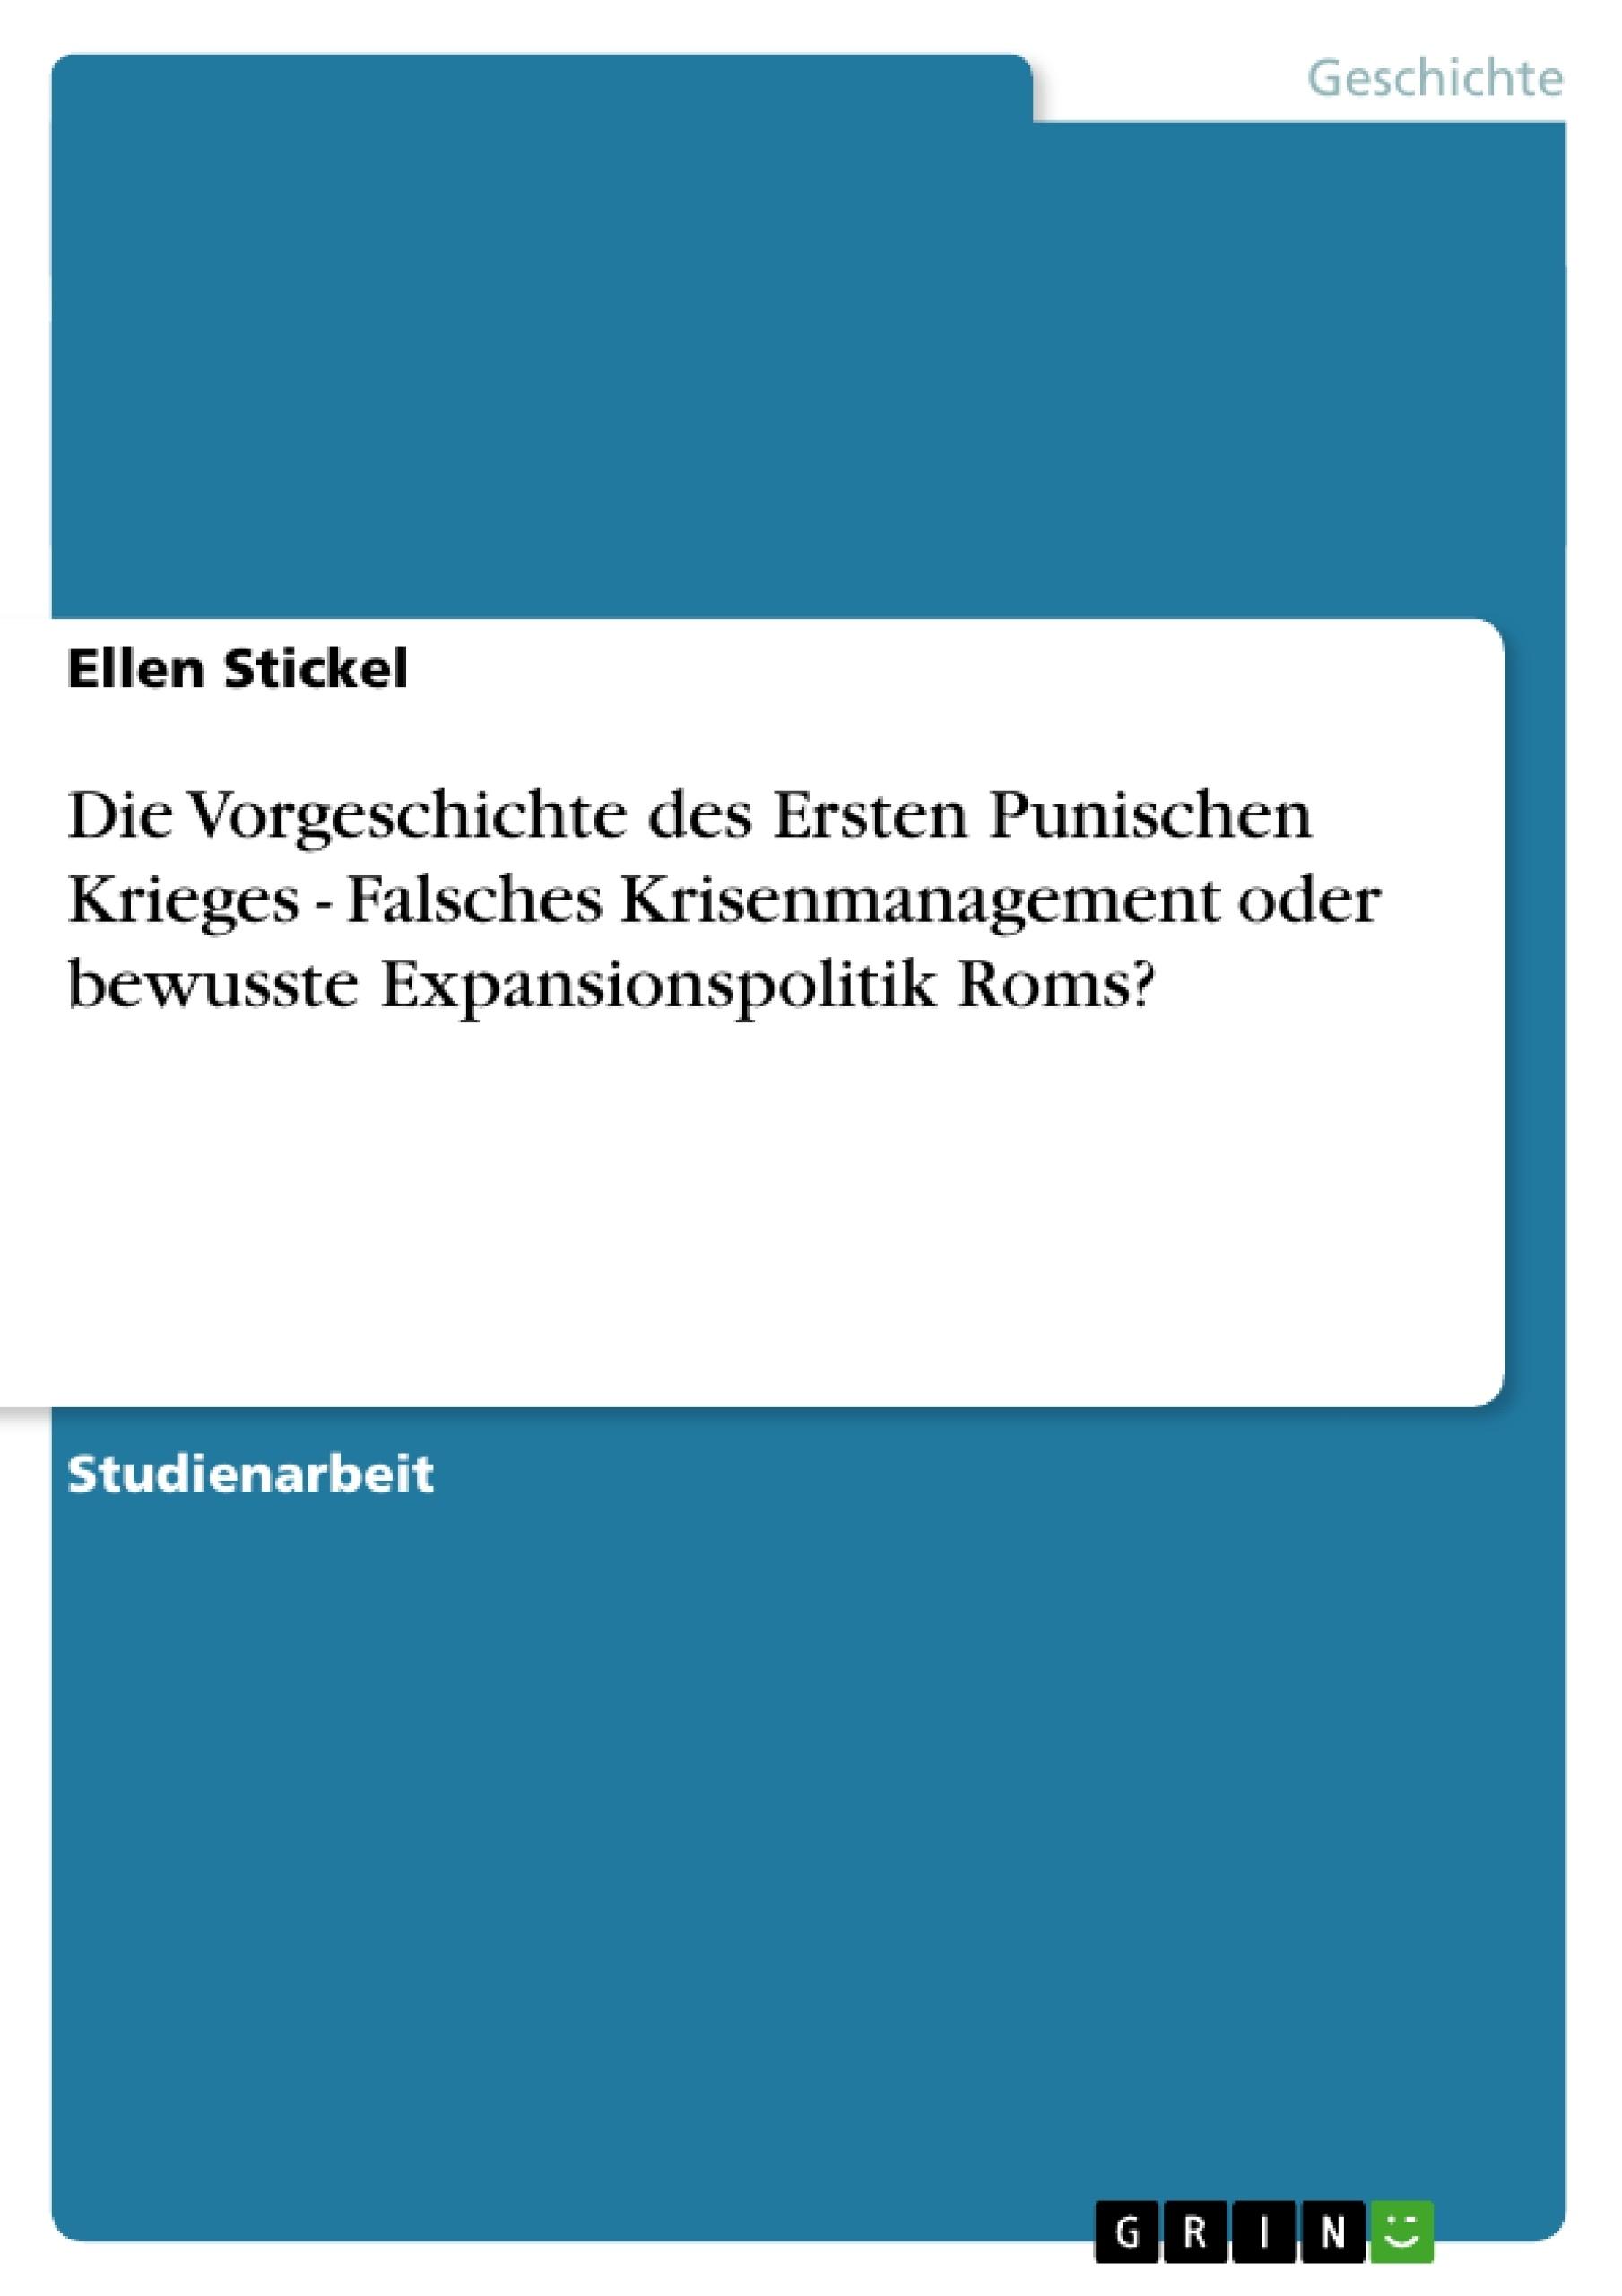 Titel: Die Vorgeschichte des Ersten Punischen Krieges - Falsches Krisenmanagement oder bewusste Expansionspolitik Roms?